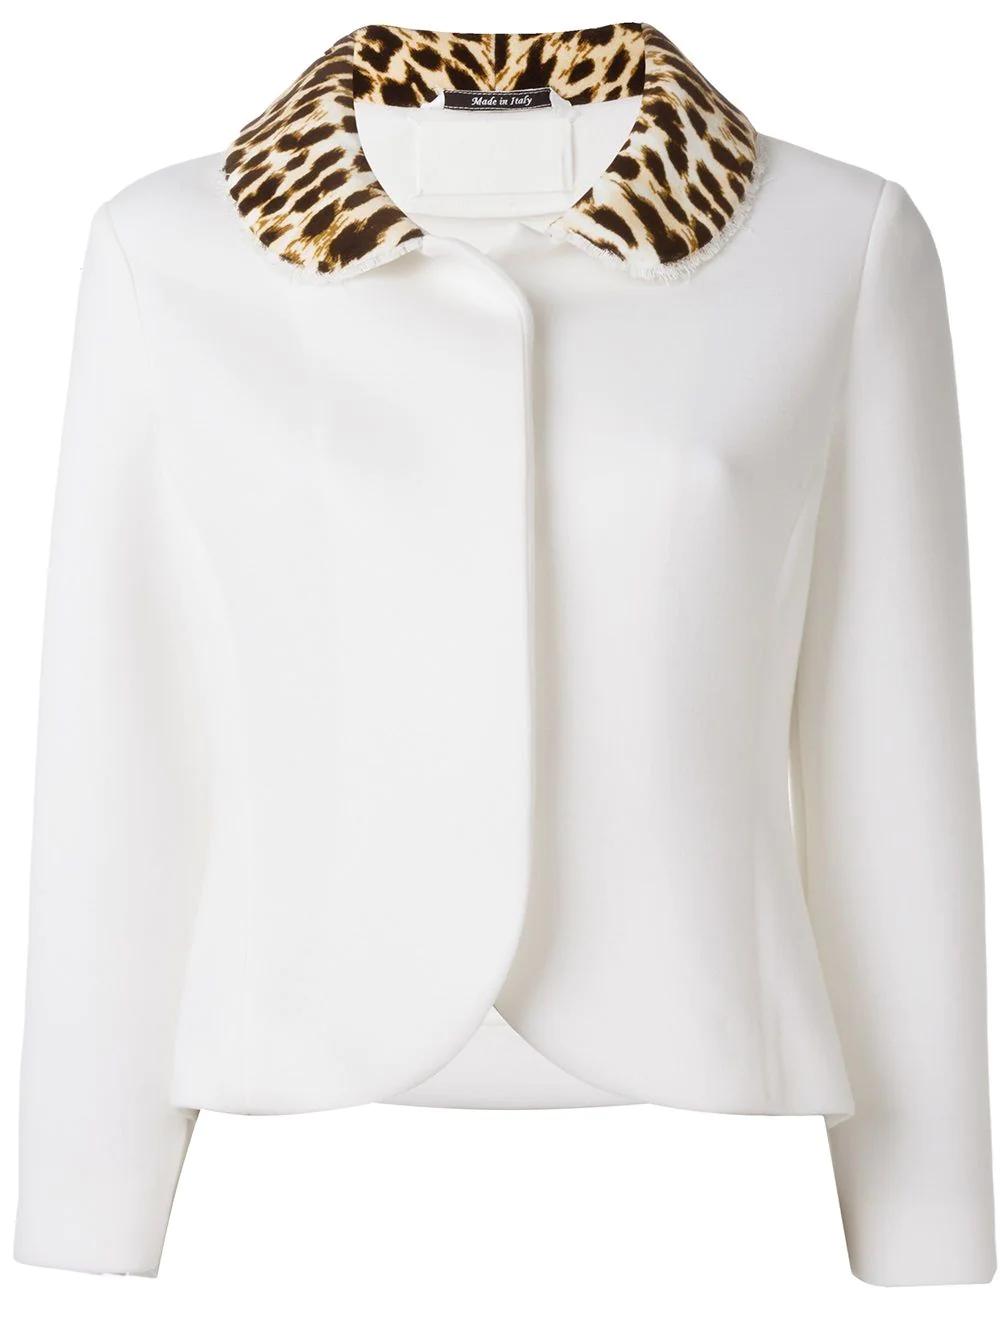 Maison Margiela | пиджак с леопардовым воротником | Clouty